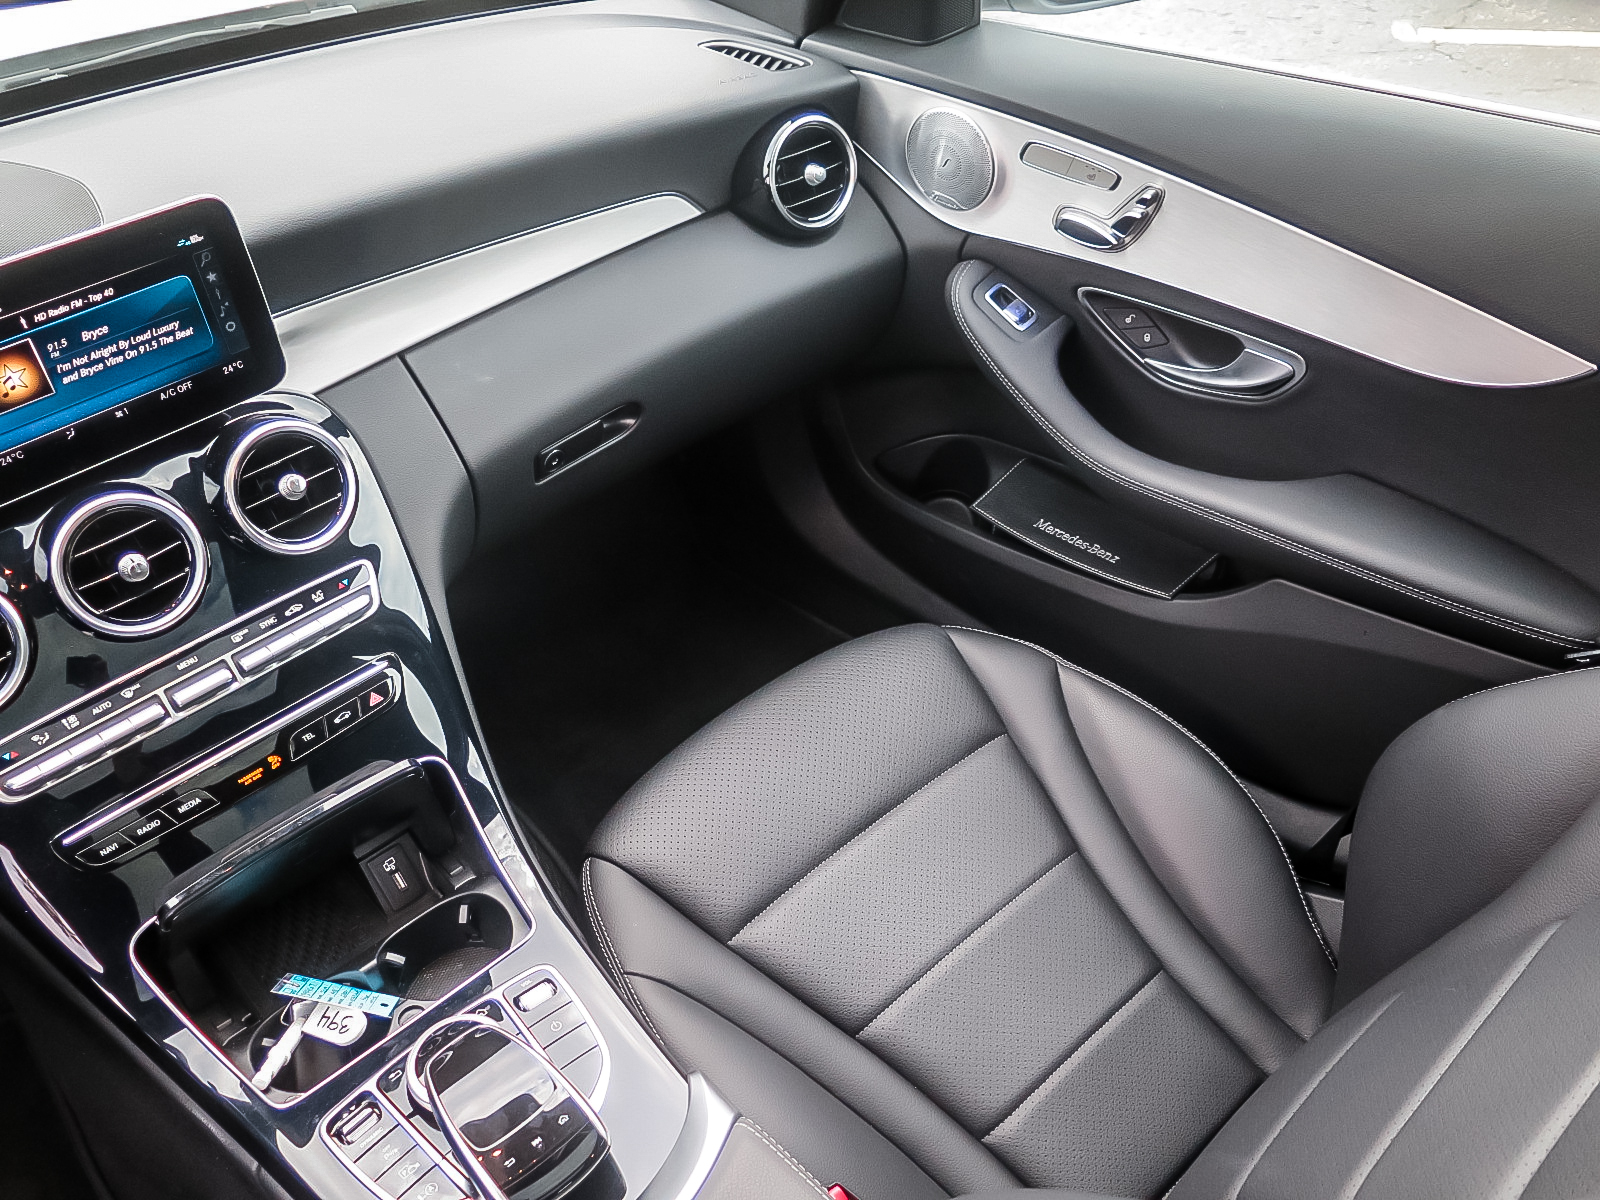 New 2019 Mercedes-Benz C300 4MATIC Wagon